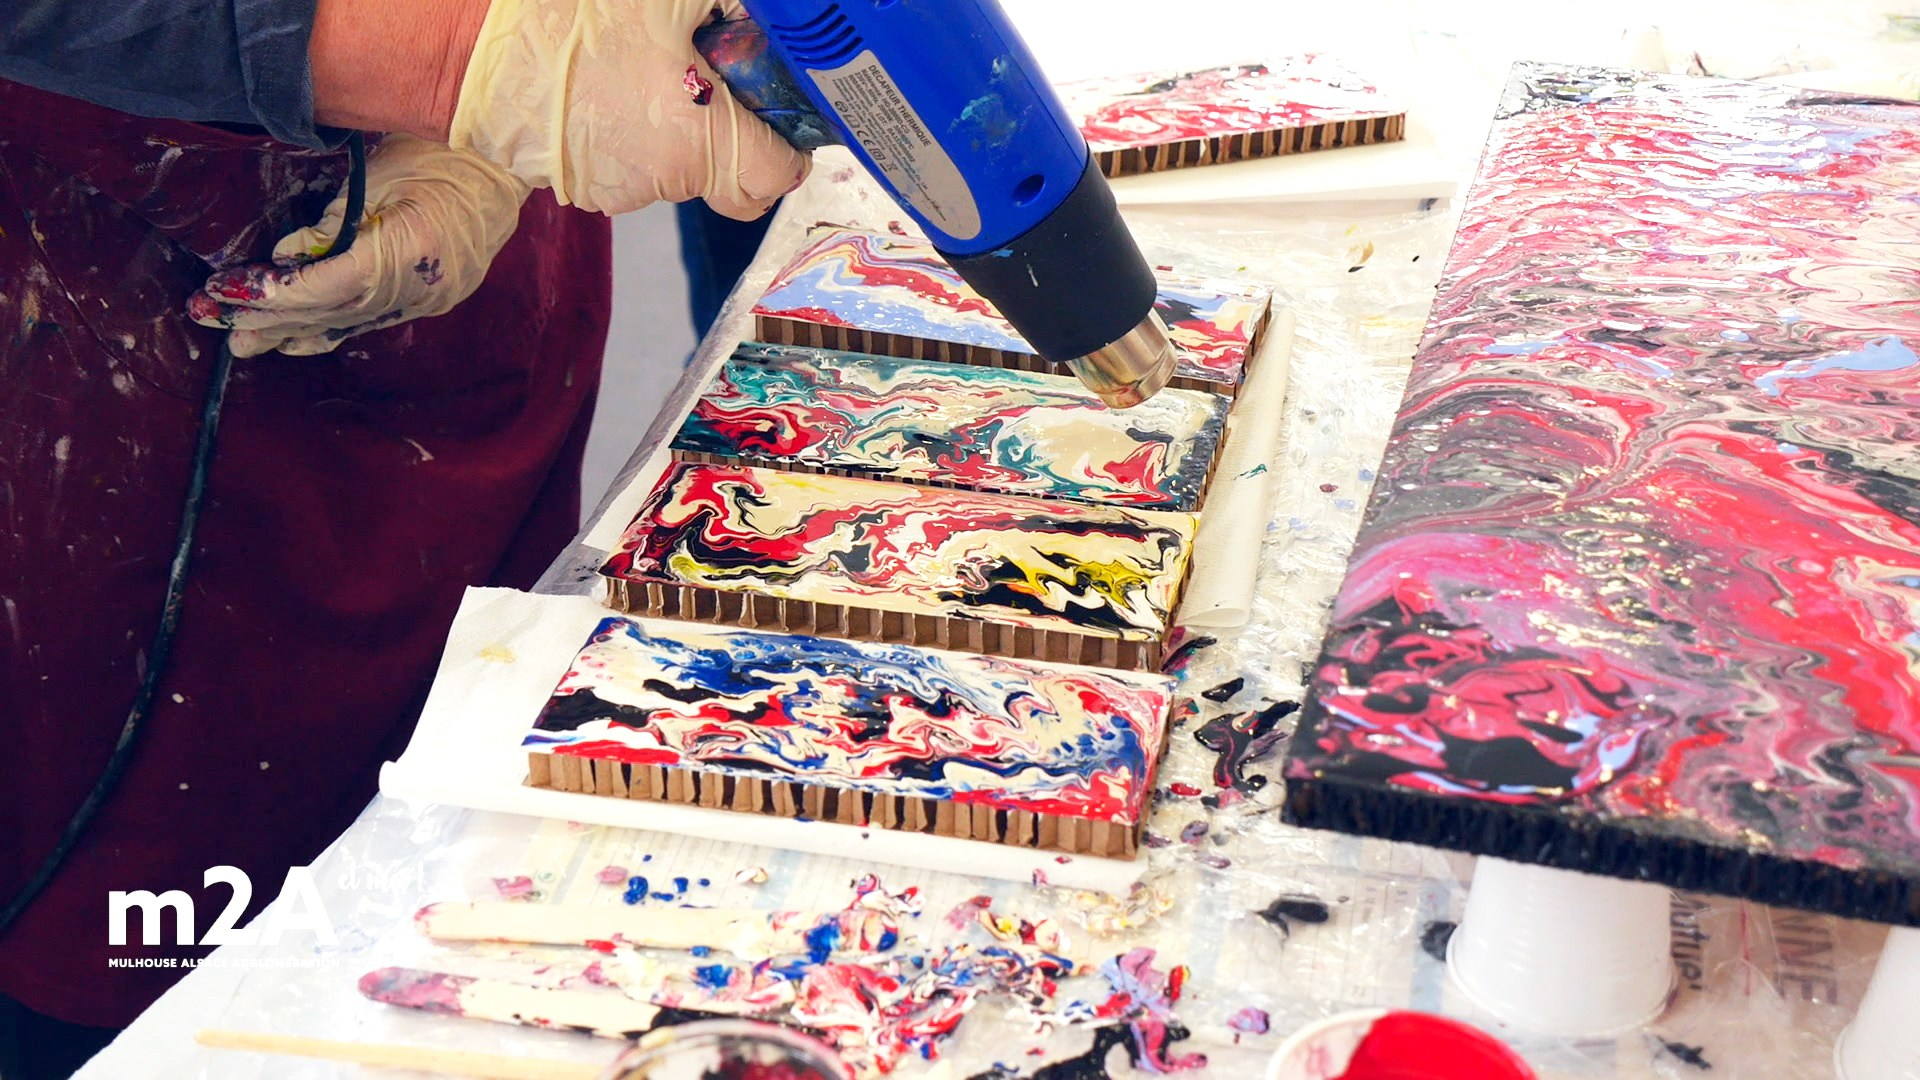 webserie-bruebach-atelier-artistique-anne-pouring-peinture